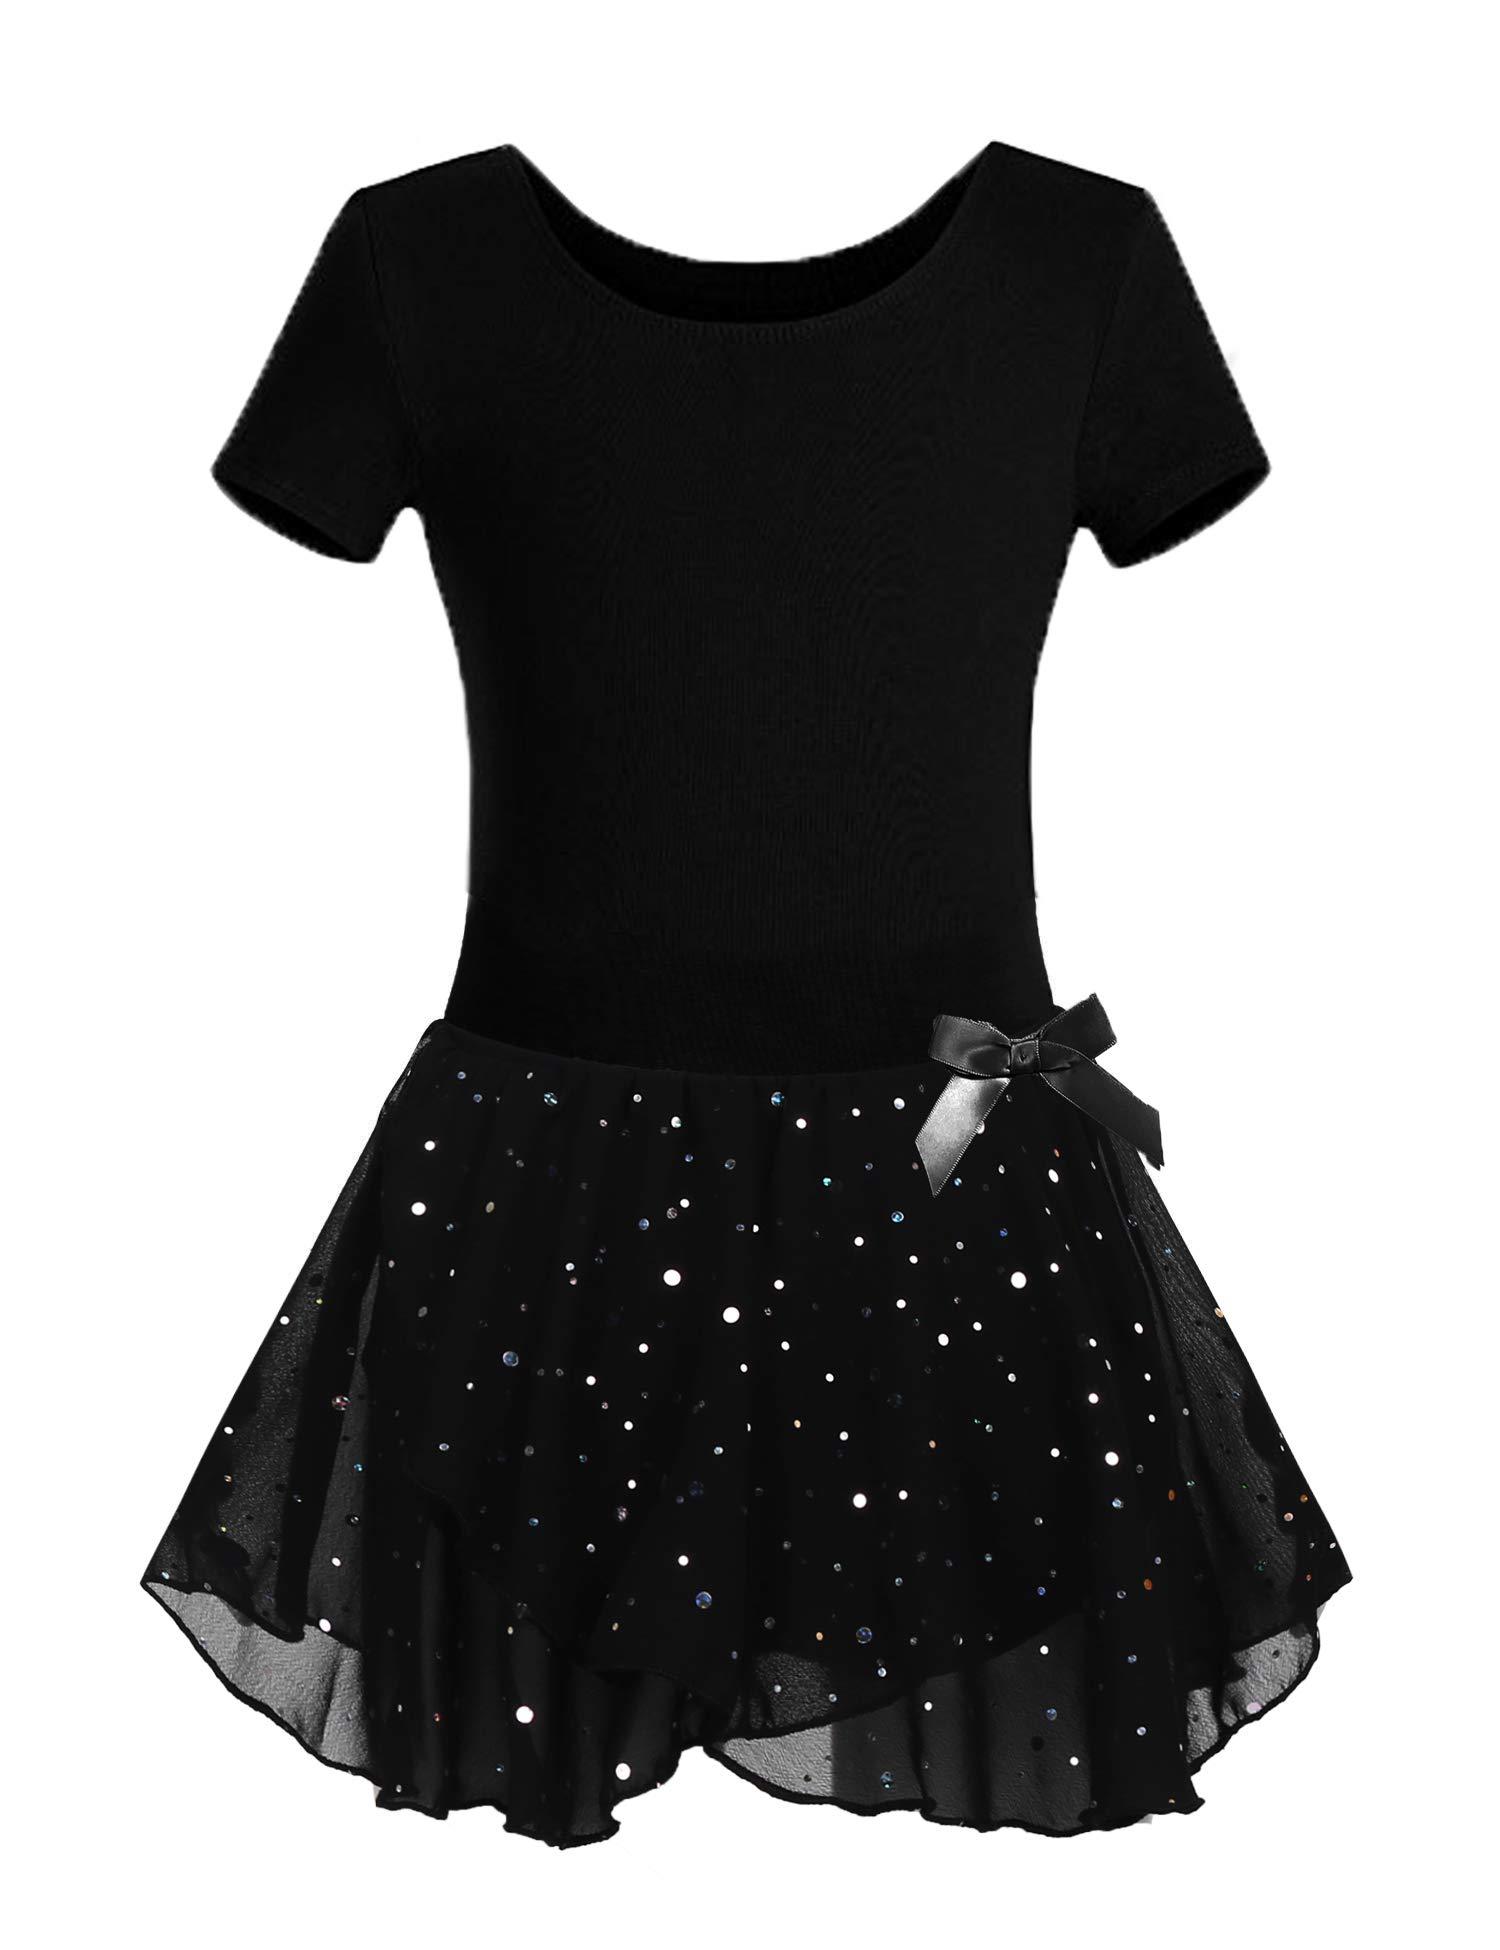 Arshiner Girls Skirted Leotard Sparkle Tutu Ballet Dress Front Lined Black